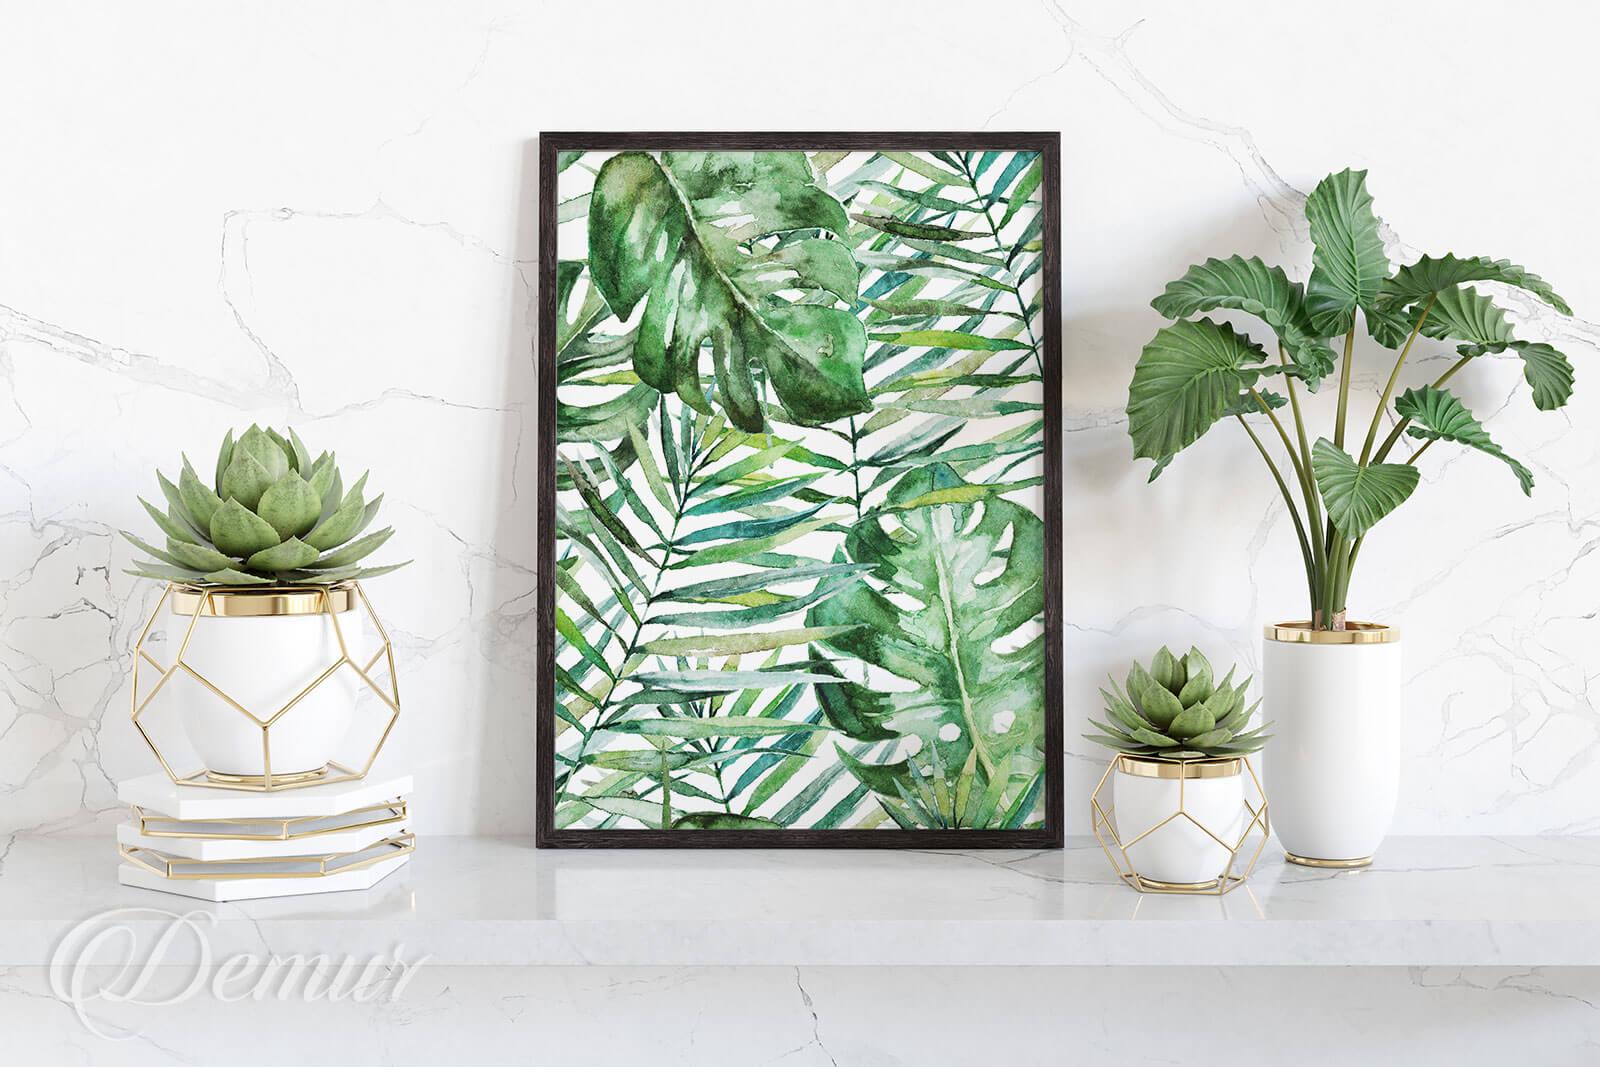 Plakat Zielone rośliny - Plakaty w ramie - Demur